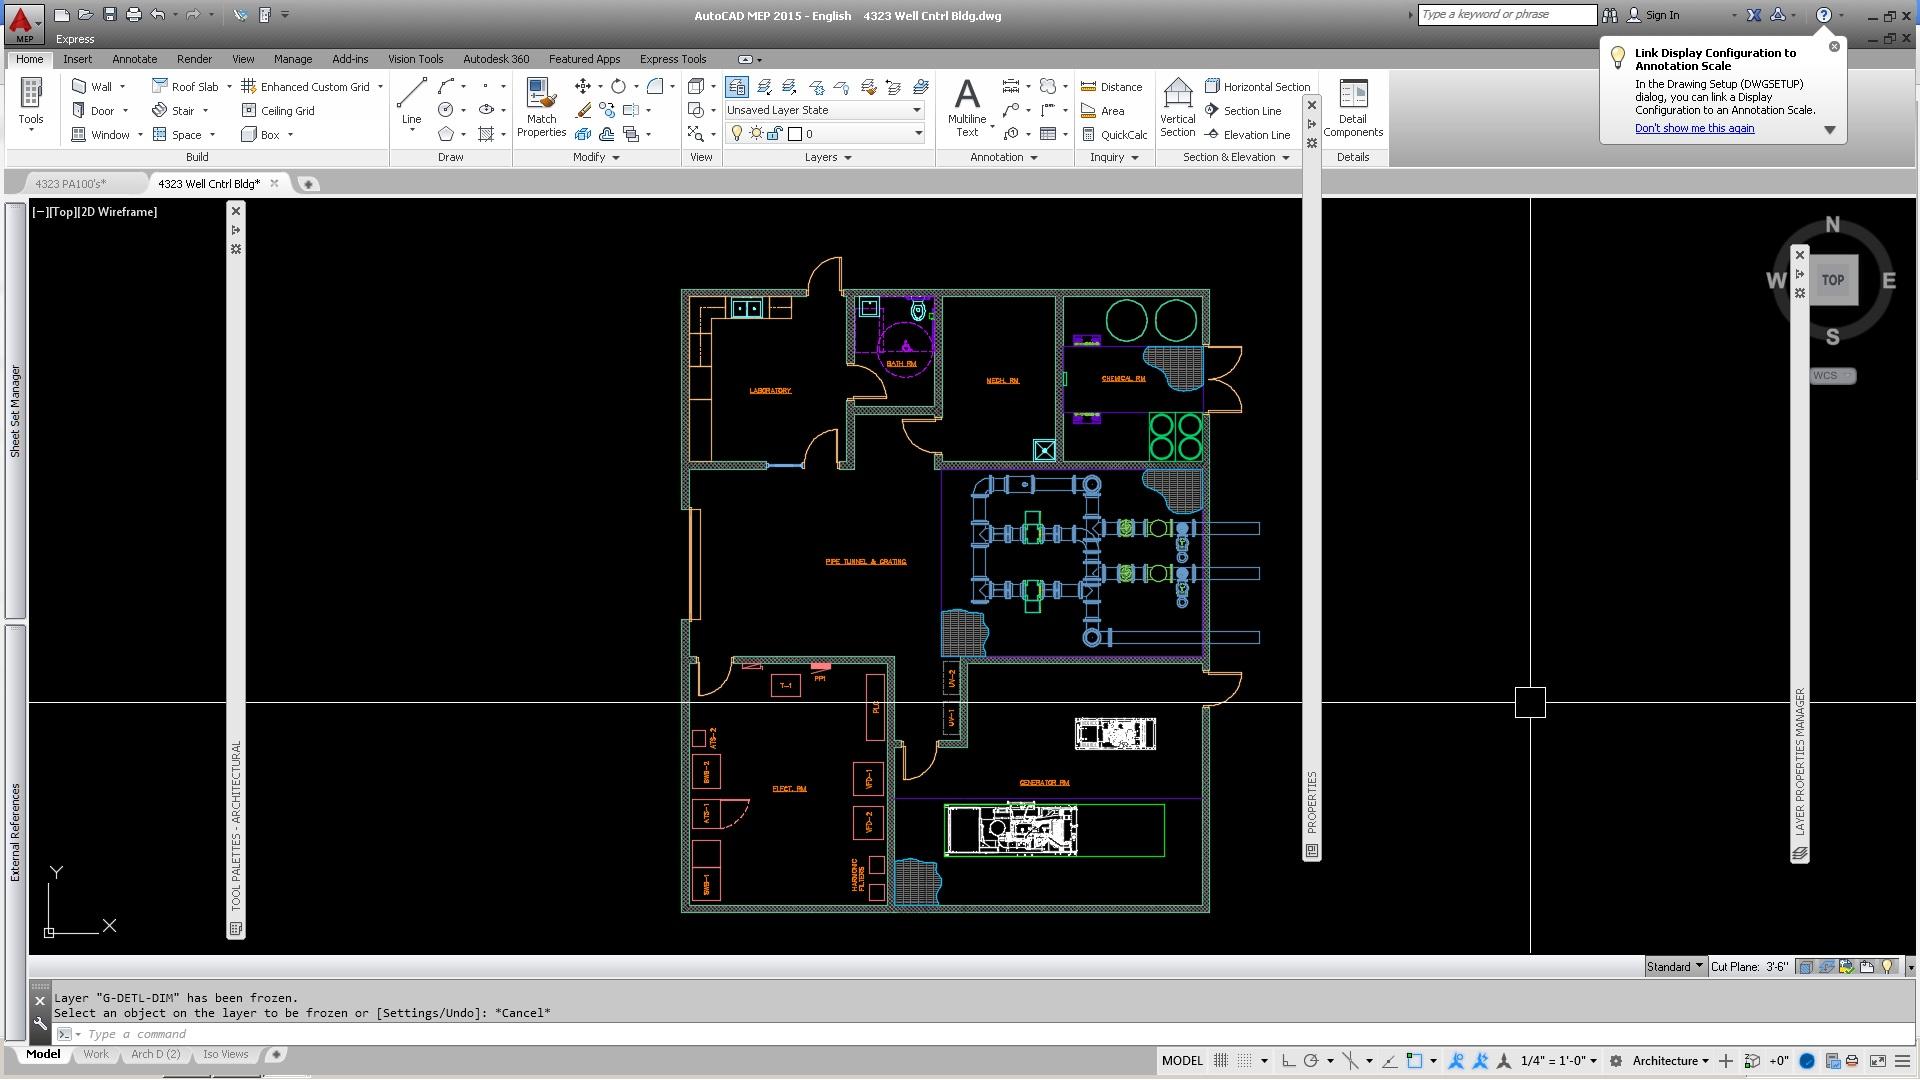 Model Display.jpg 353 KB